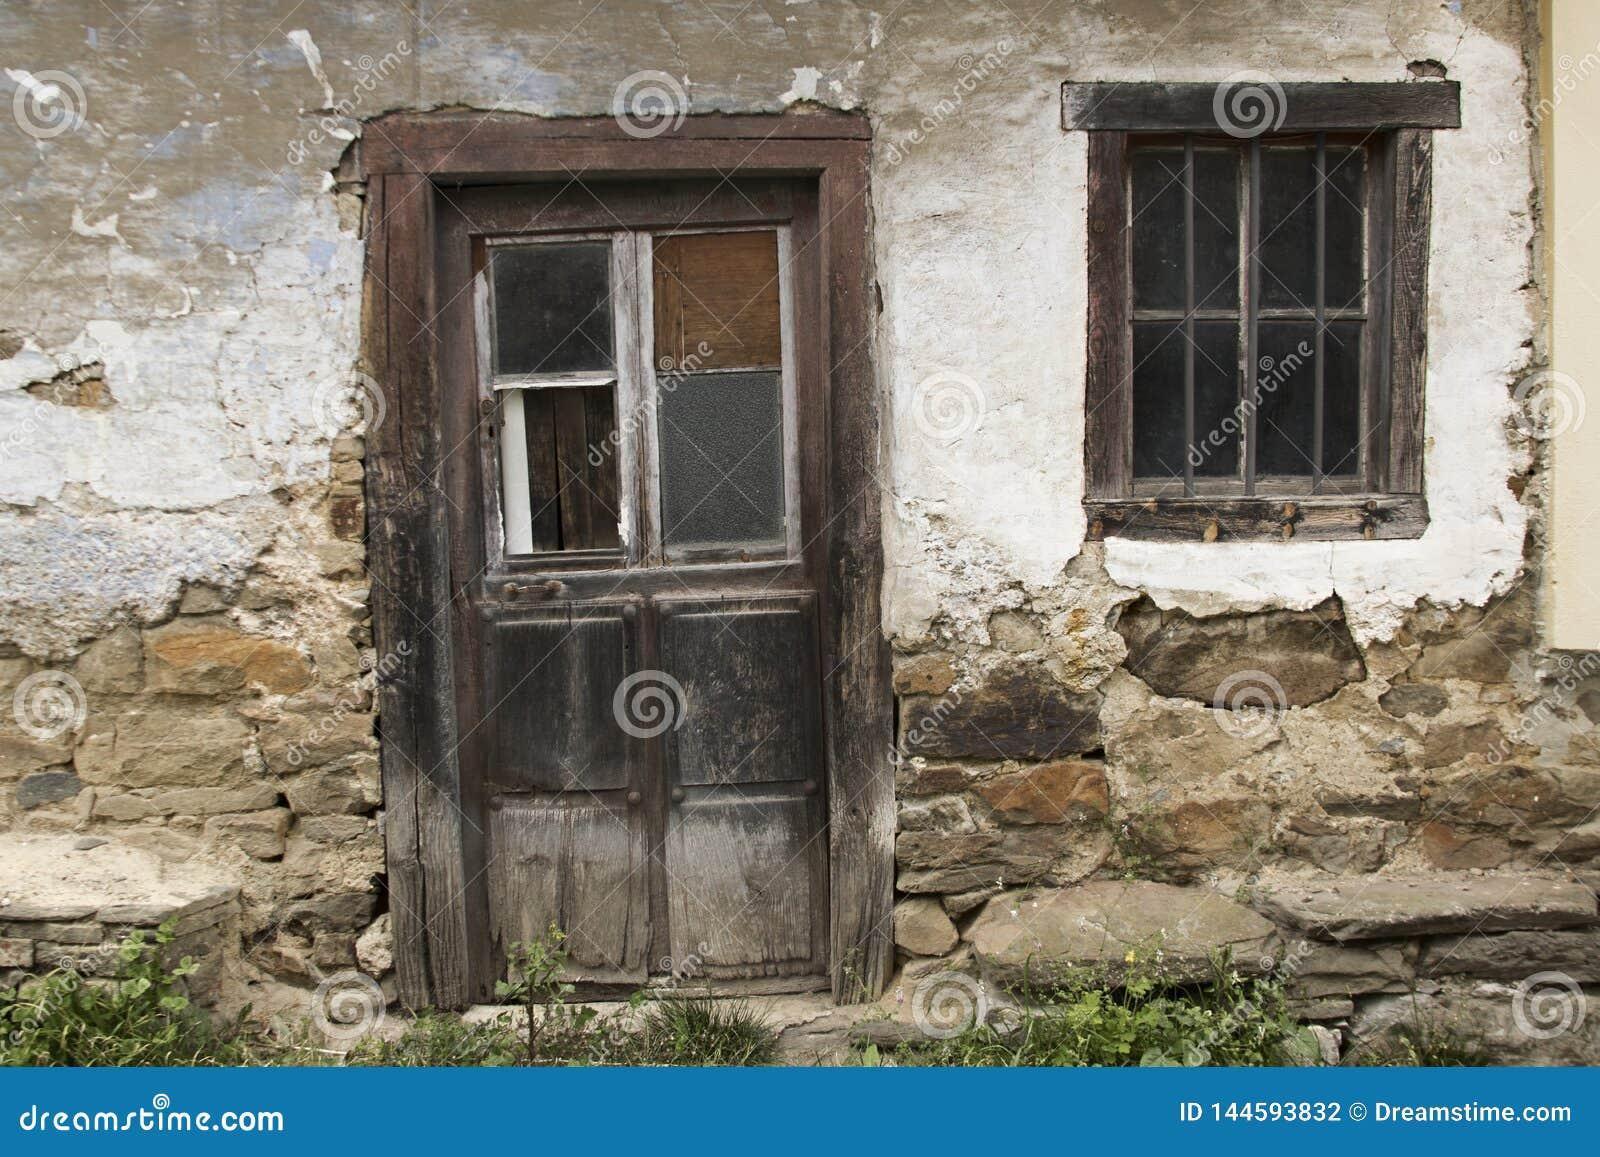 Fachada de la casa abandonada